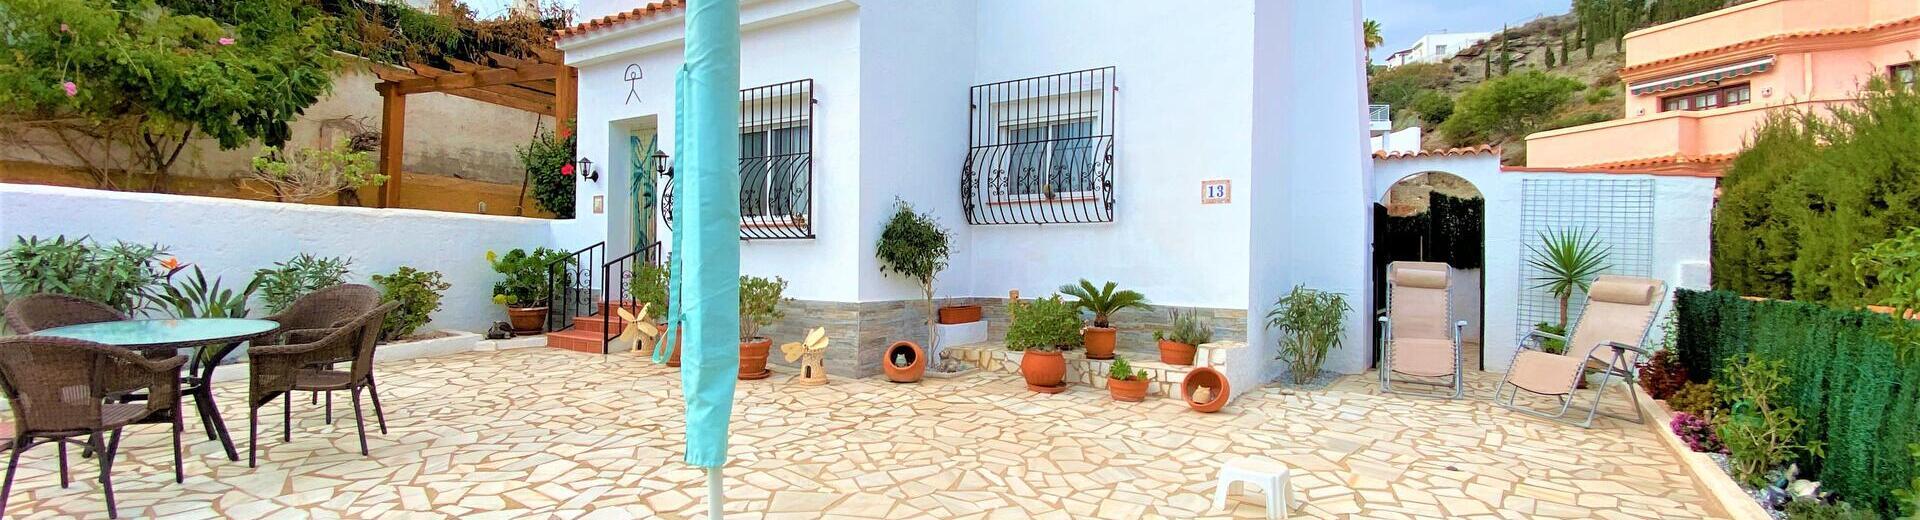 VIP7879: Villa en Venta